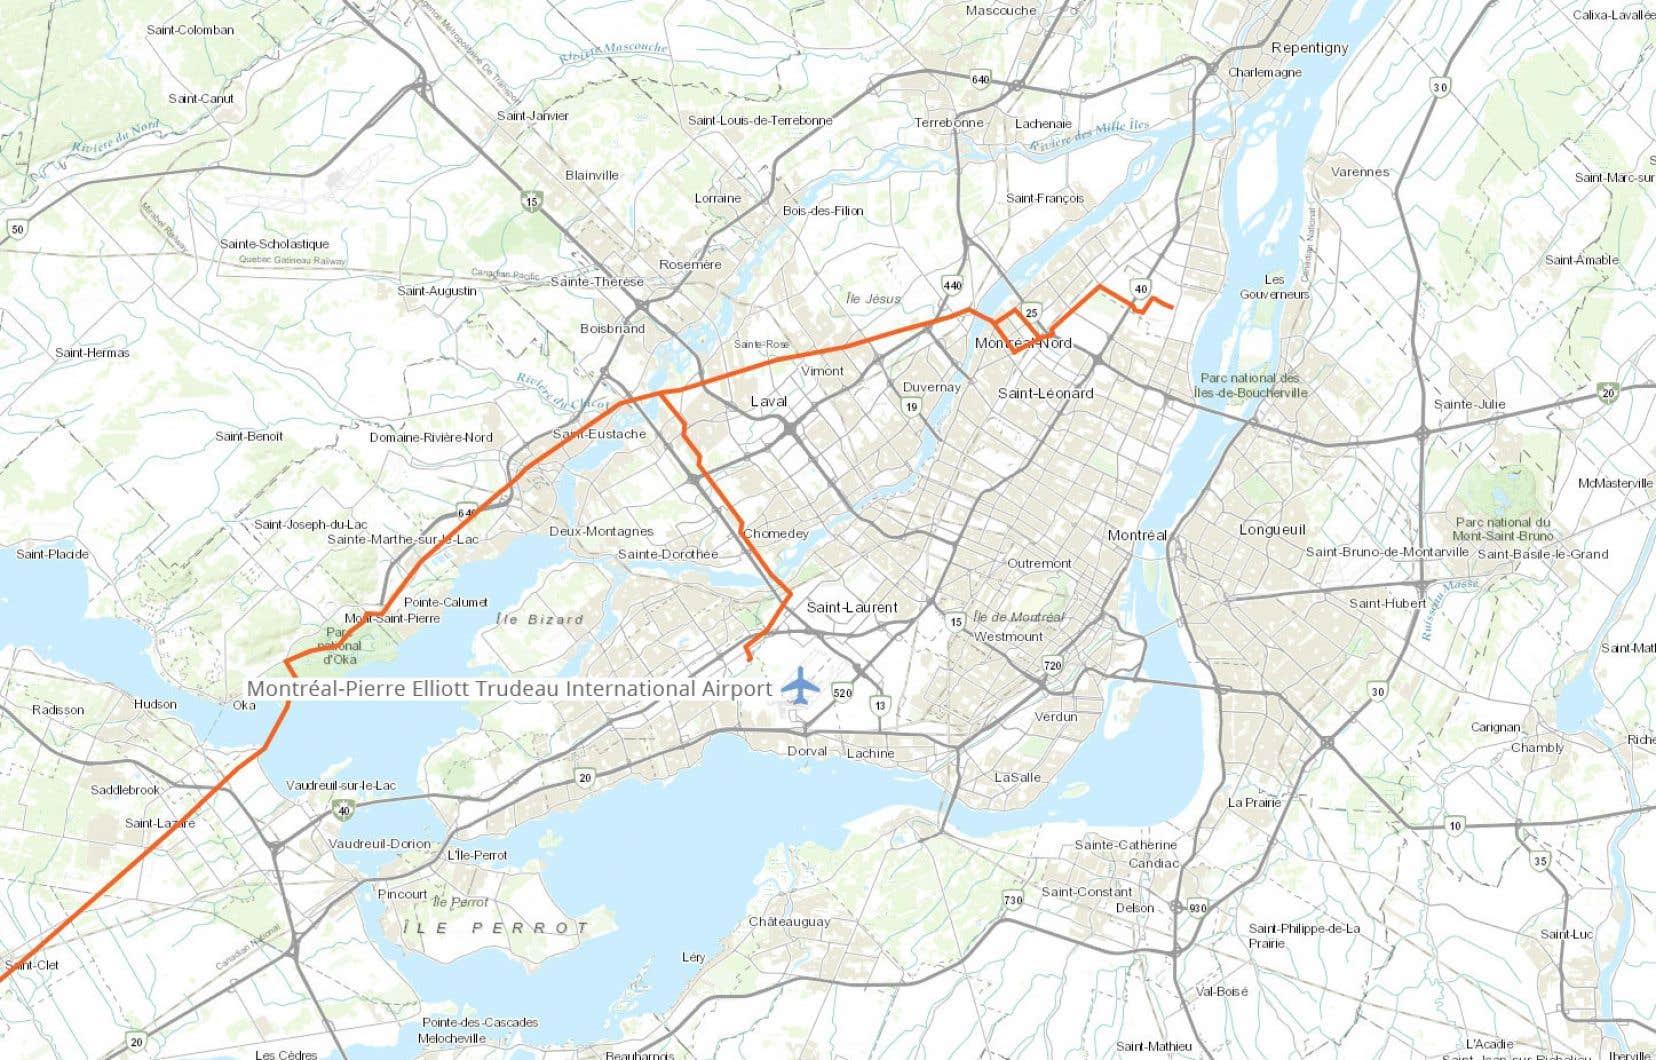 Carte du tracé du pipeline Trans-Nord dans la région de Montréal.